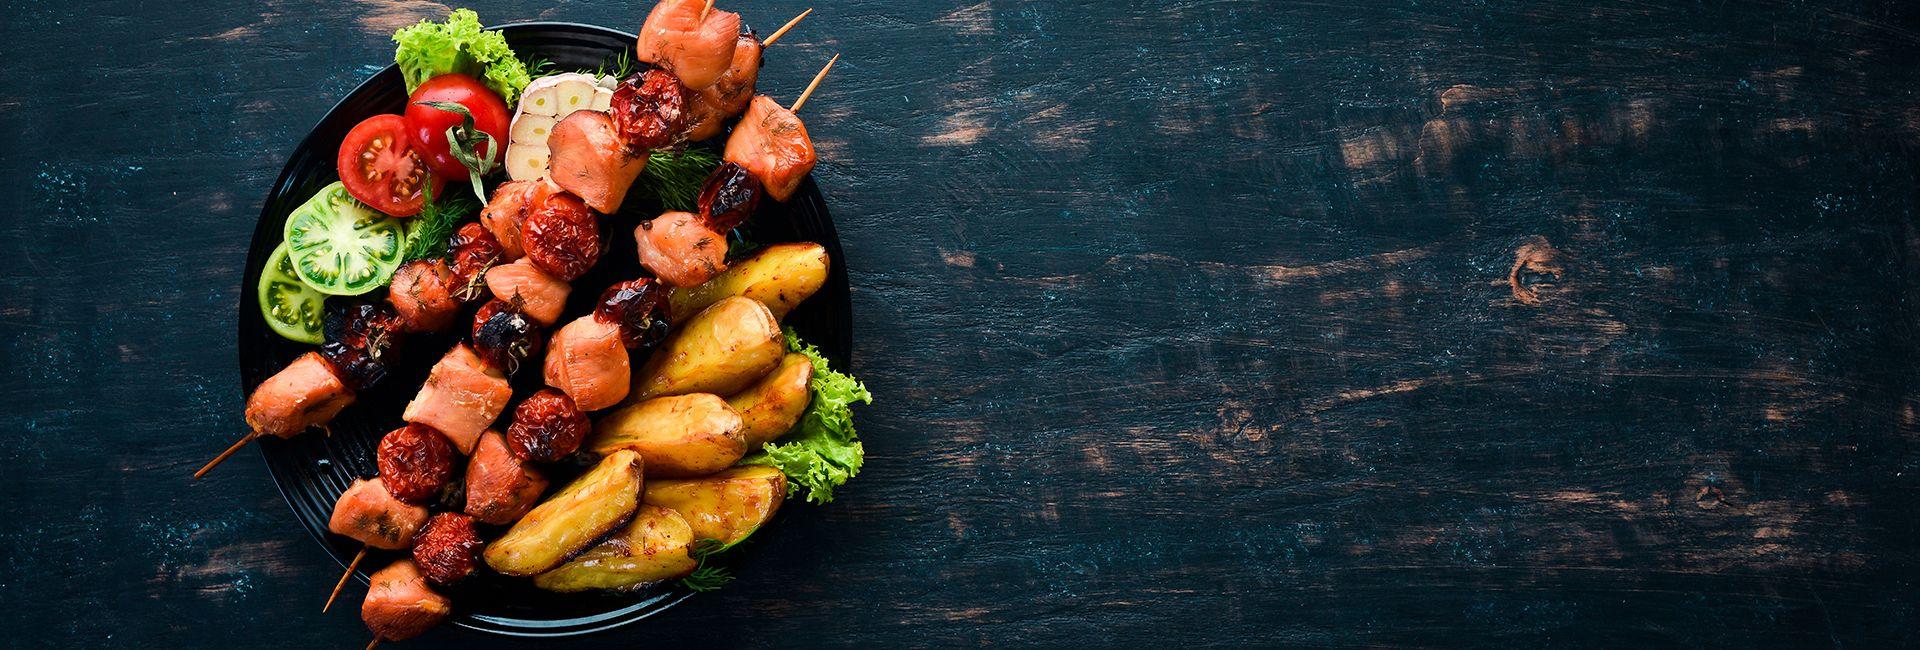 Top 20 quán ăn vặt ngon, rẻ, chất lượng ở Sài Gòn